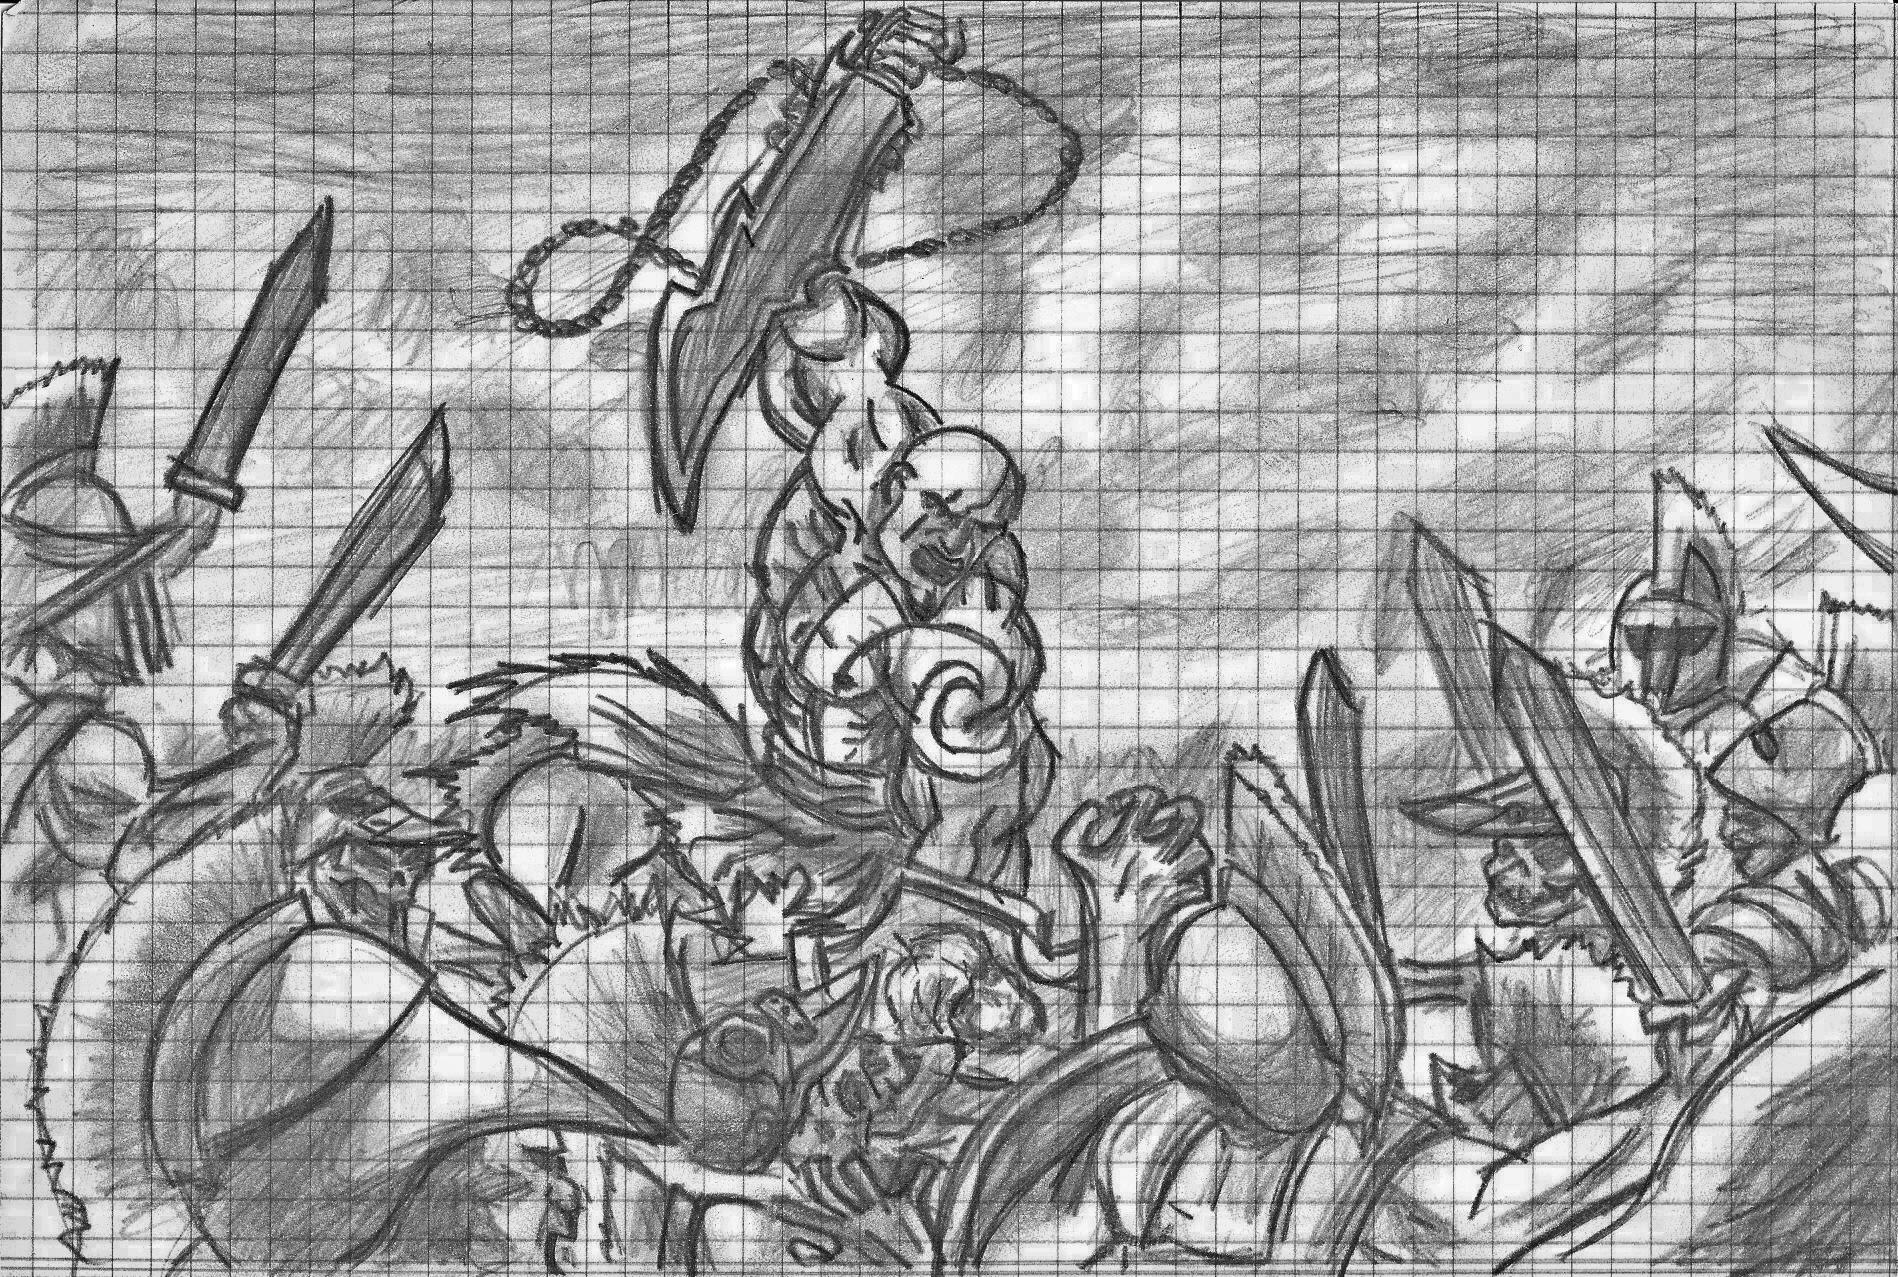 God of War- Kratos